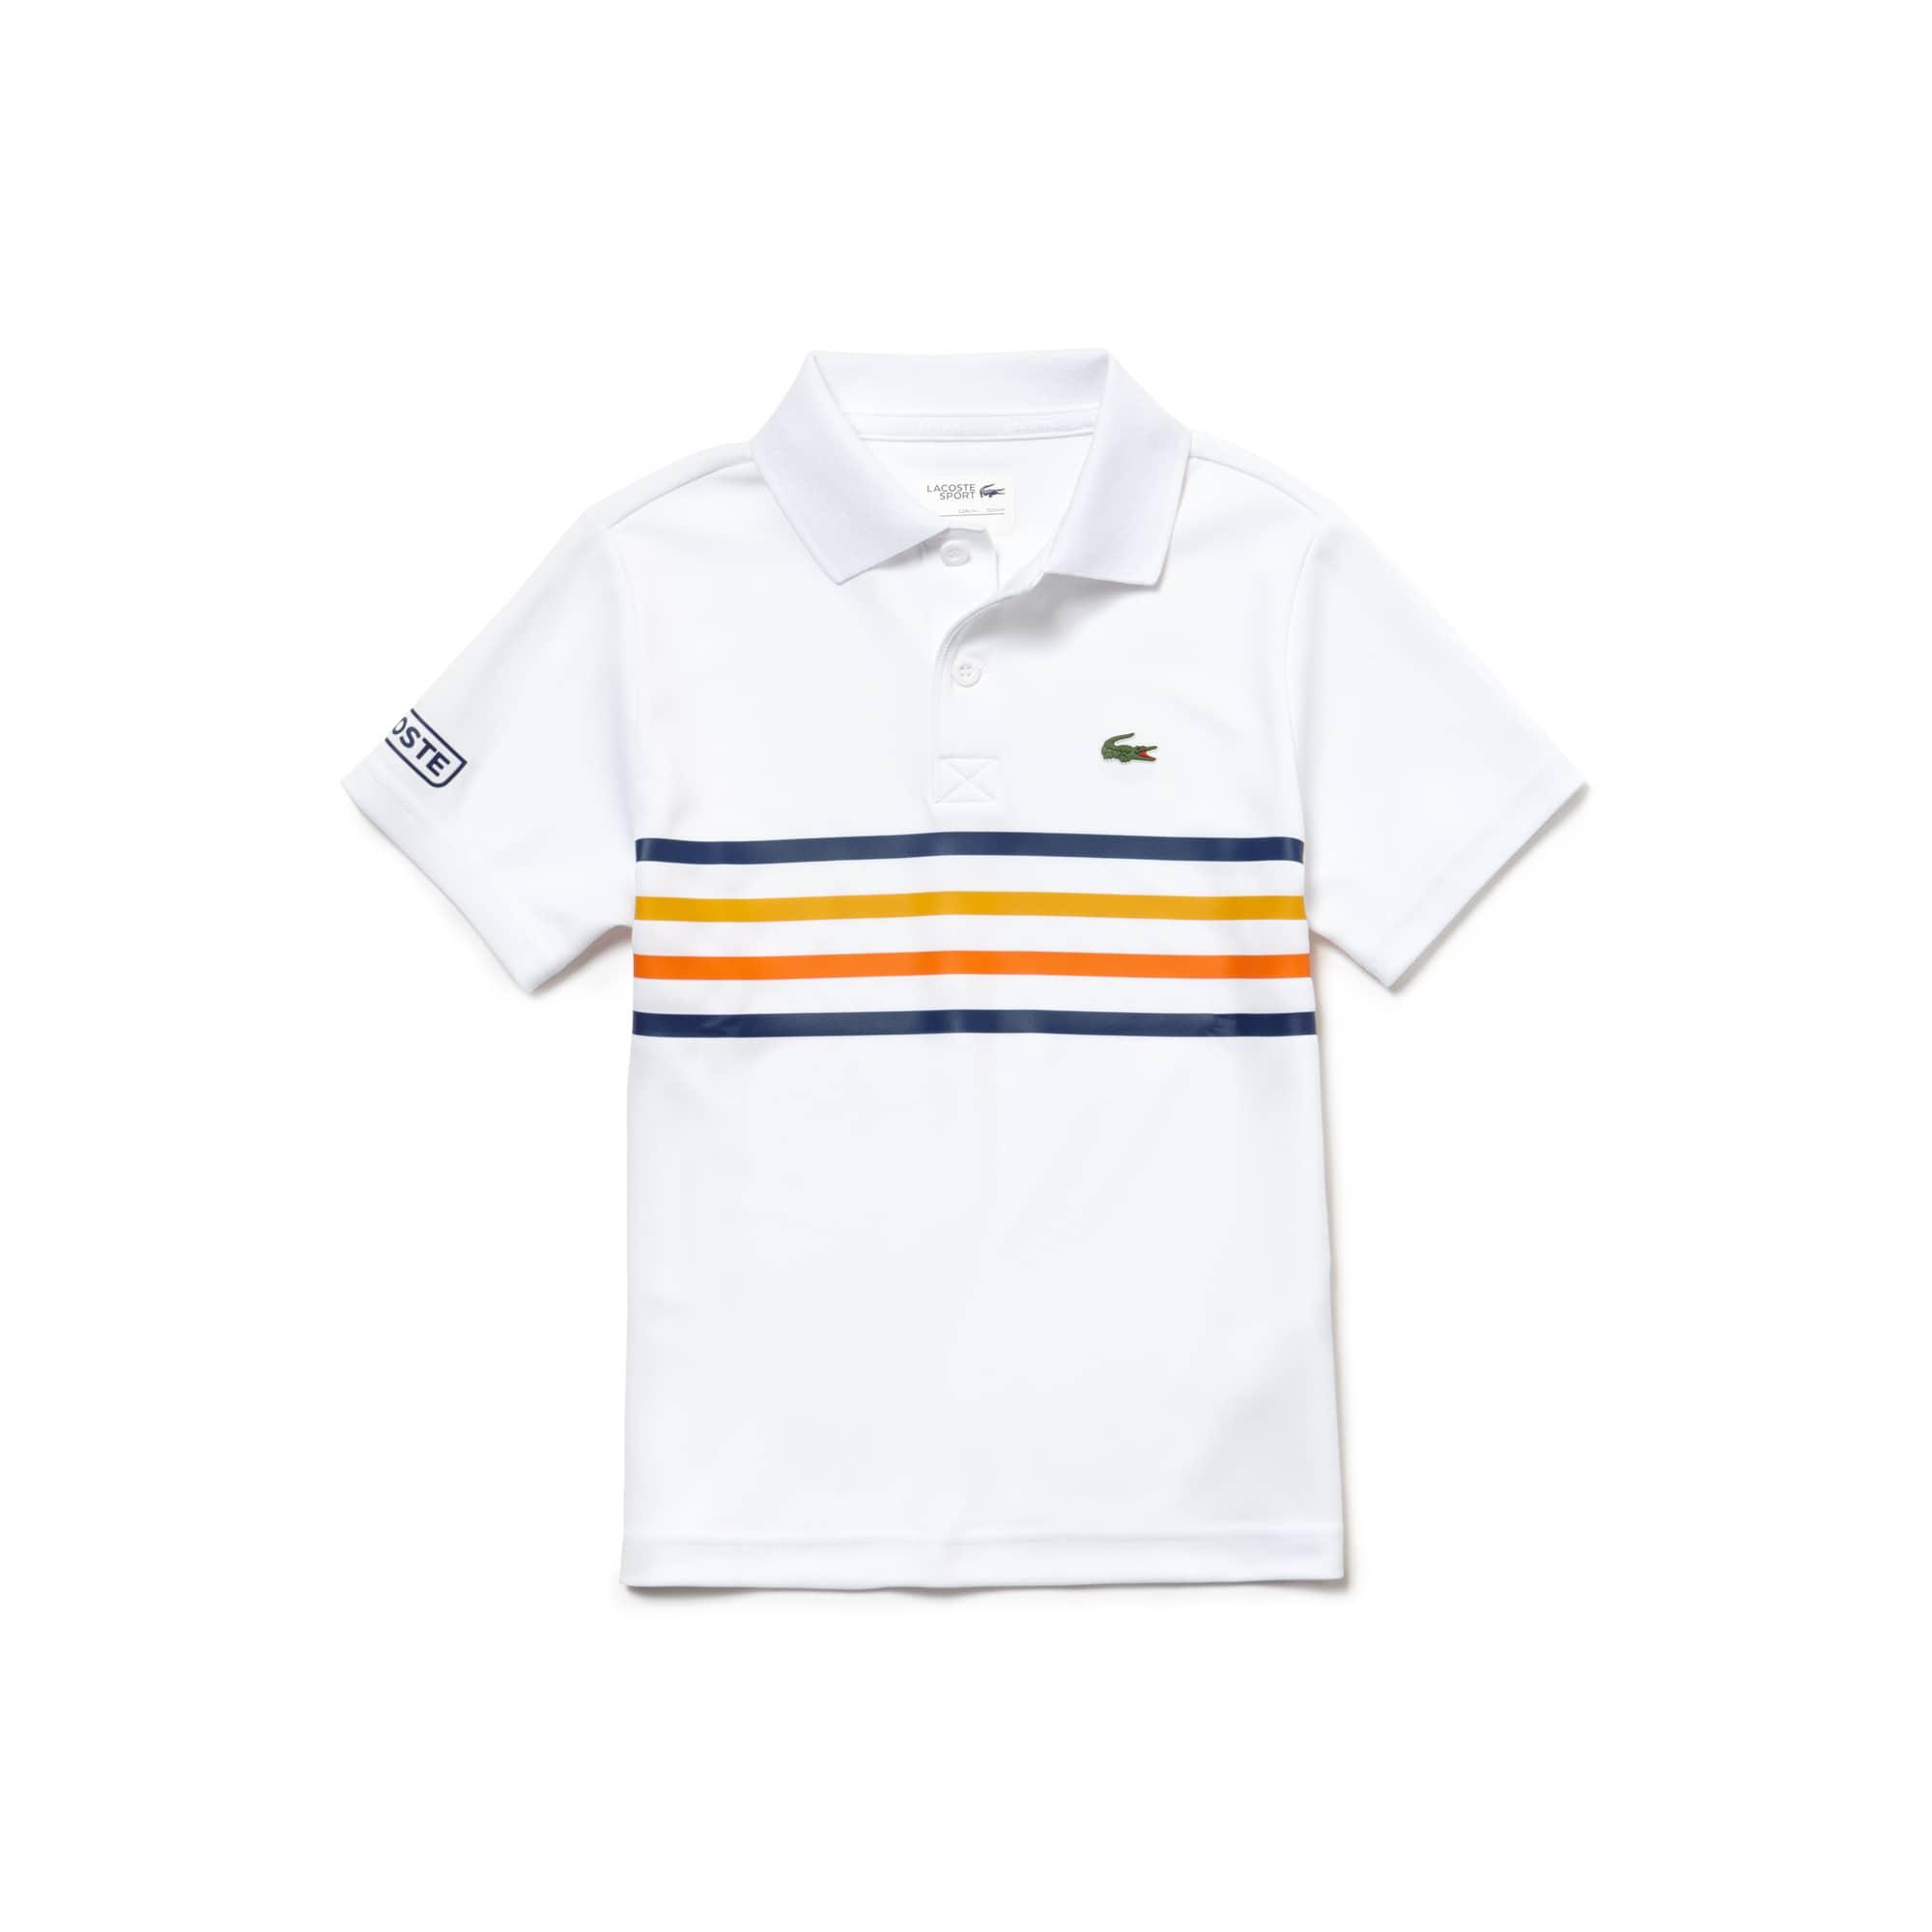 Polo de chico Tenis Lacoste SPORT en piqué técnico con franjas de colores